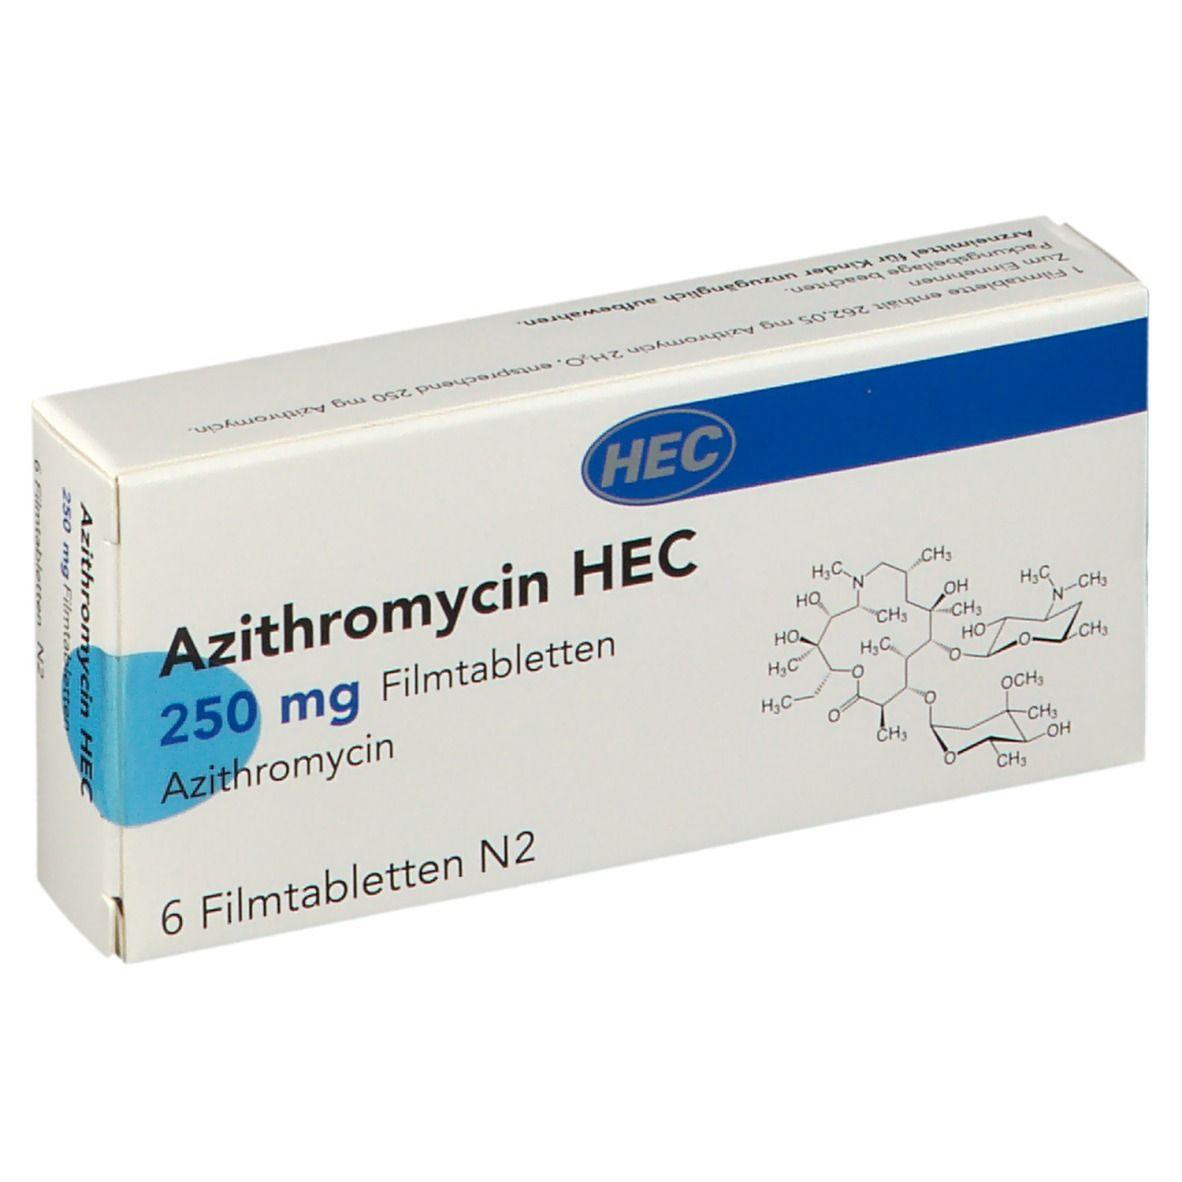 Paxil 5 mg